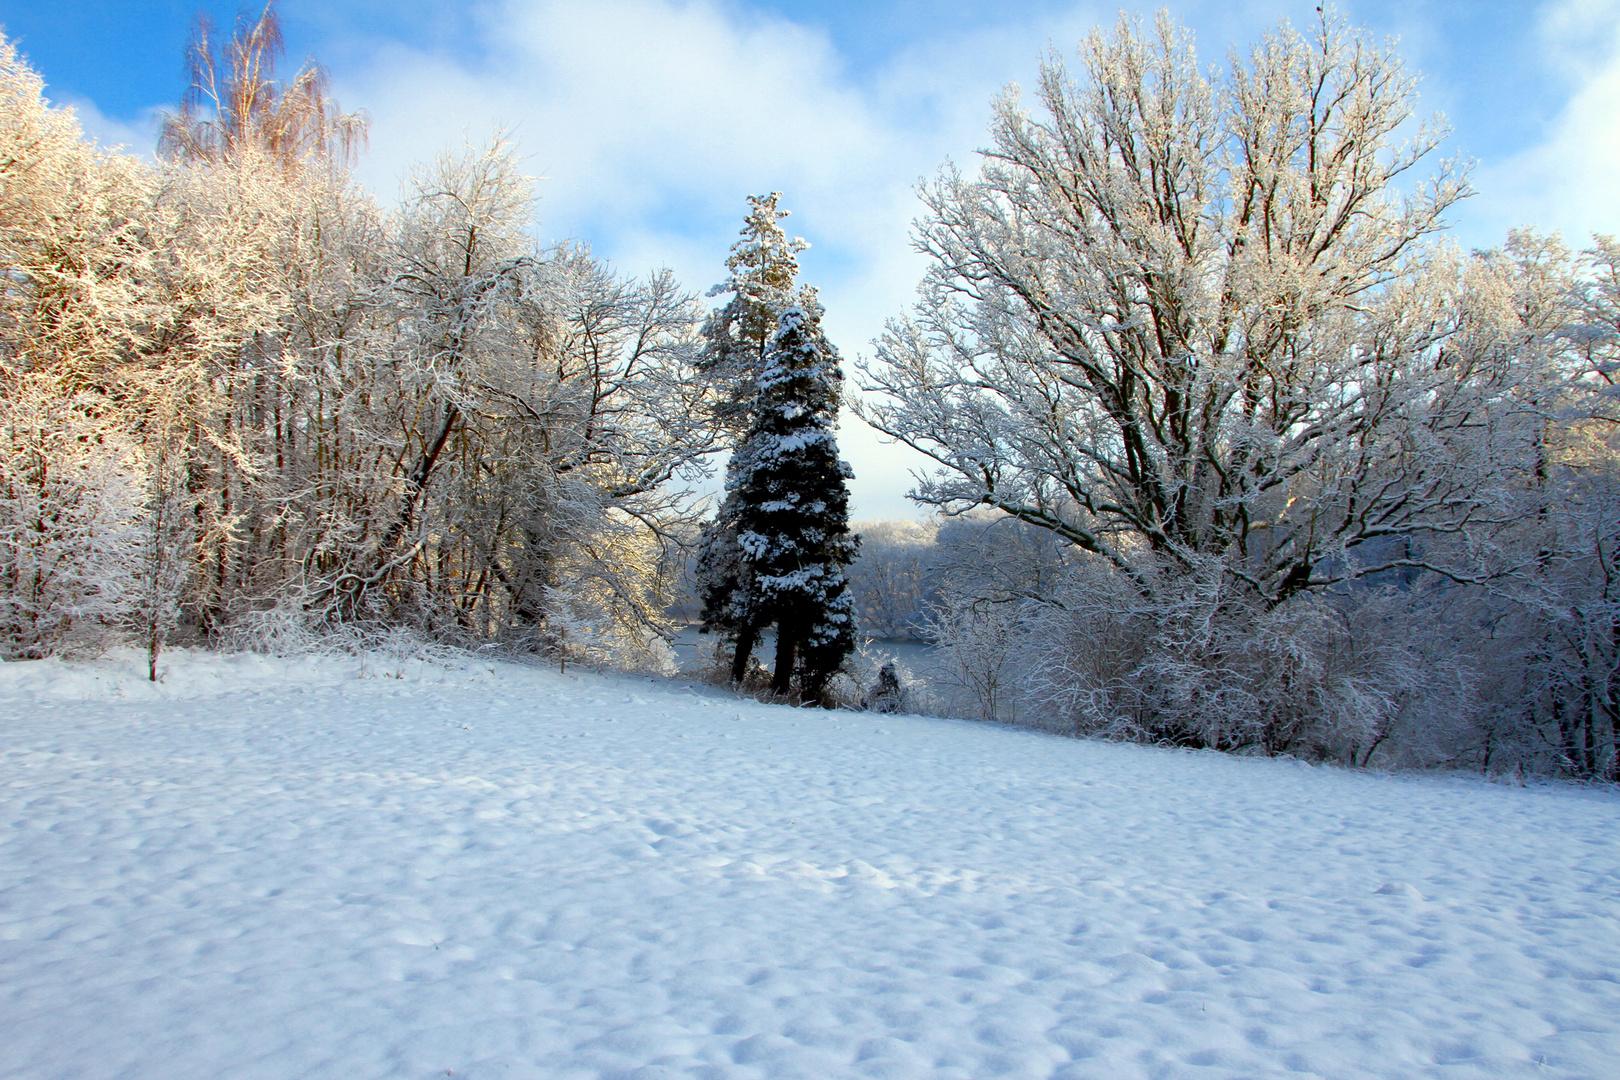 Allen einen schönen Wintertag.